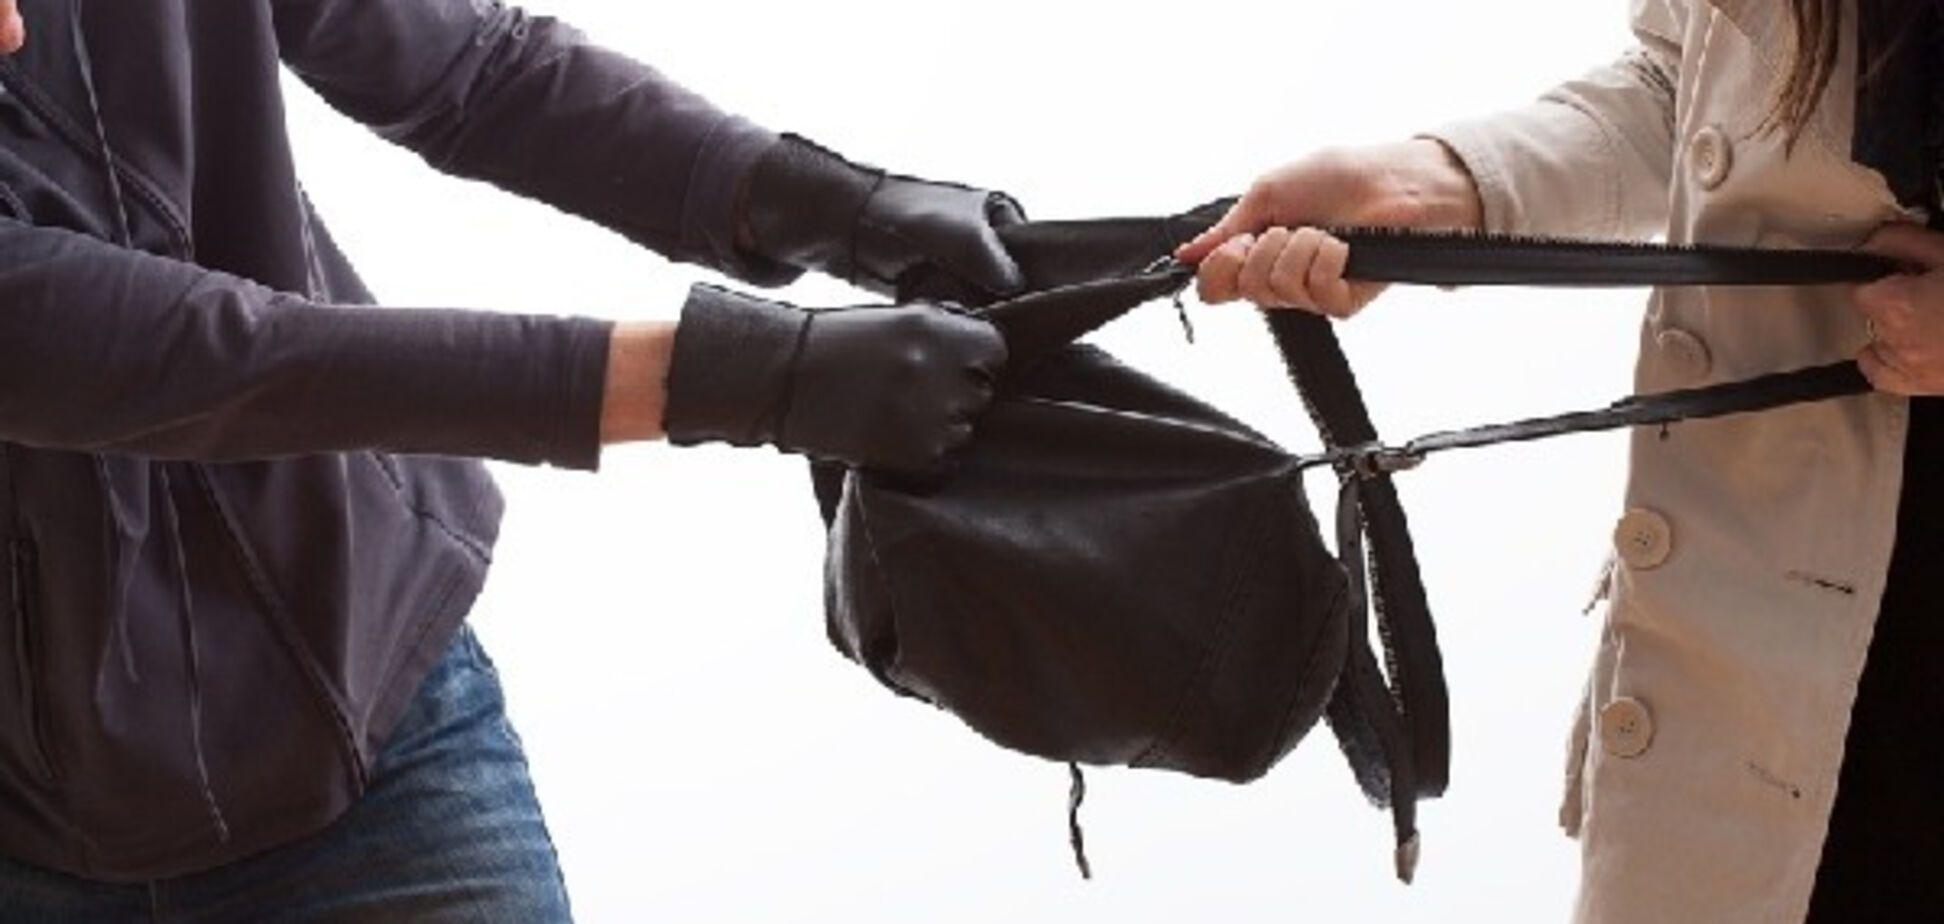 Оригинальное поздравление: в Запорожье вор отнял у девушки сумку с гаджетами